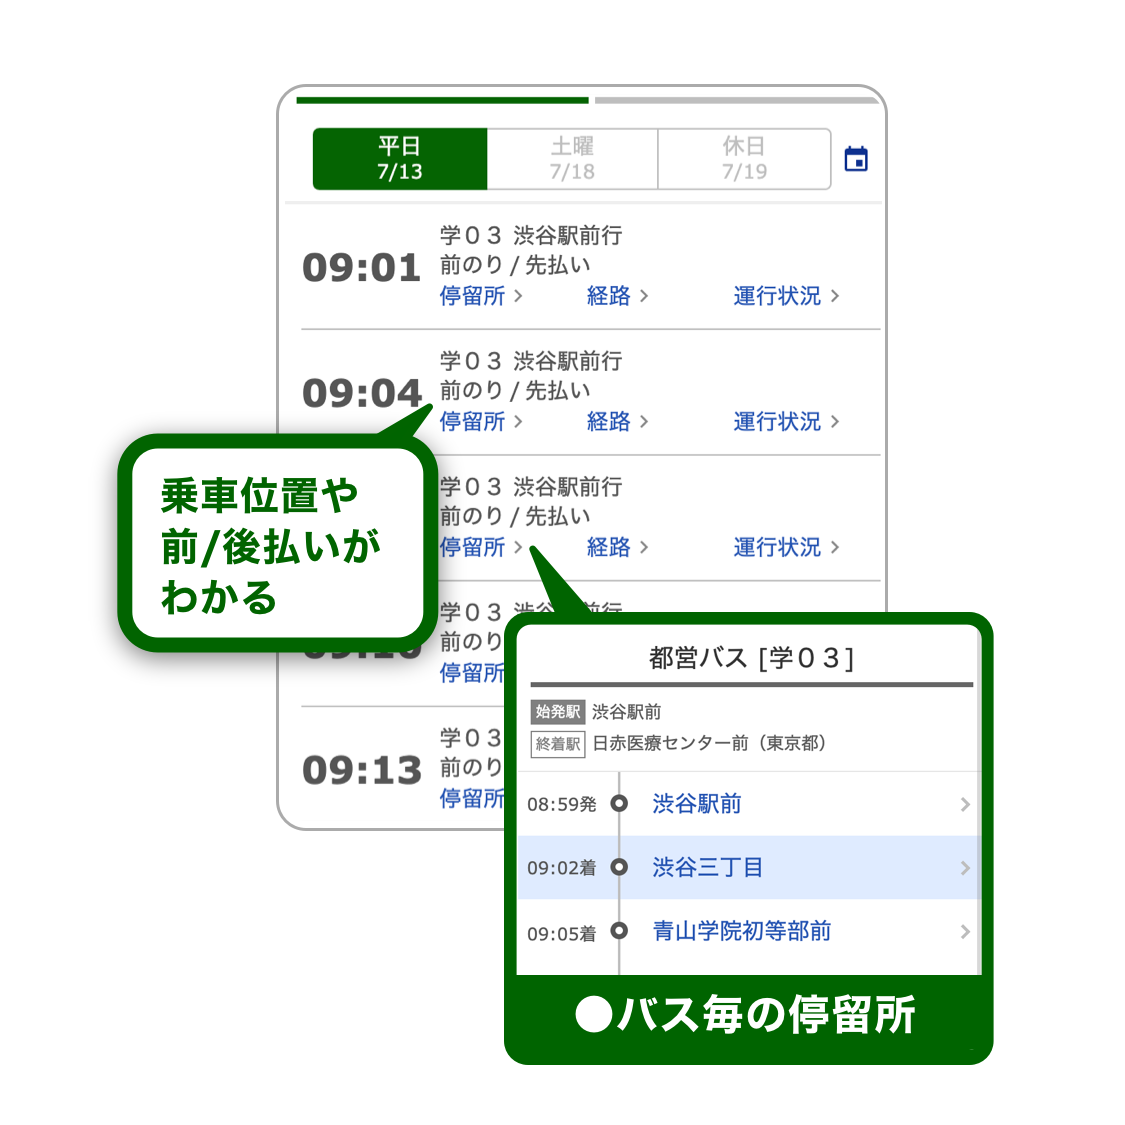 中 バス 時刻 表 神奈